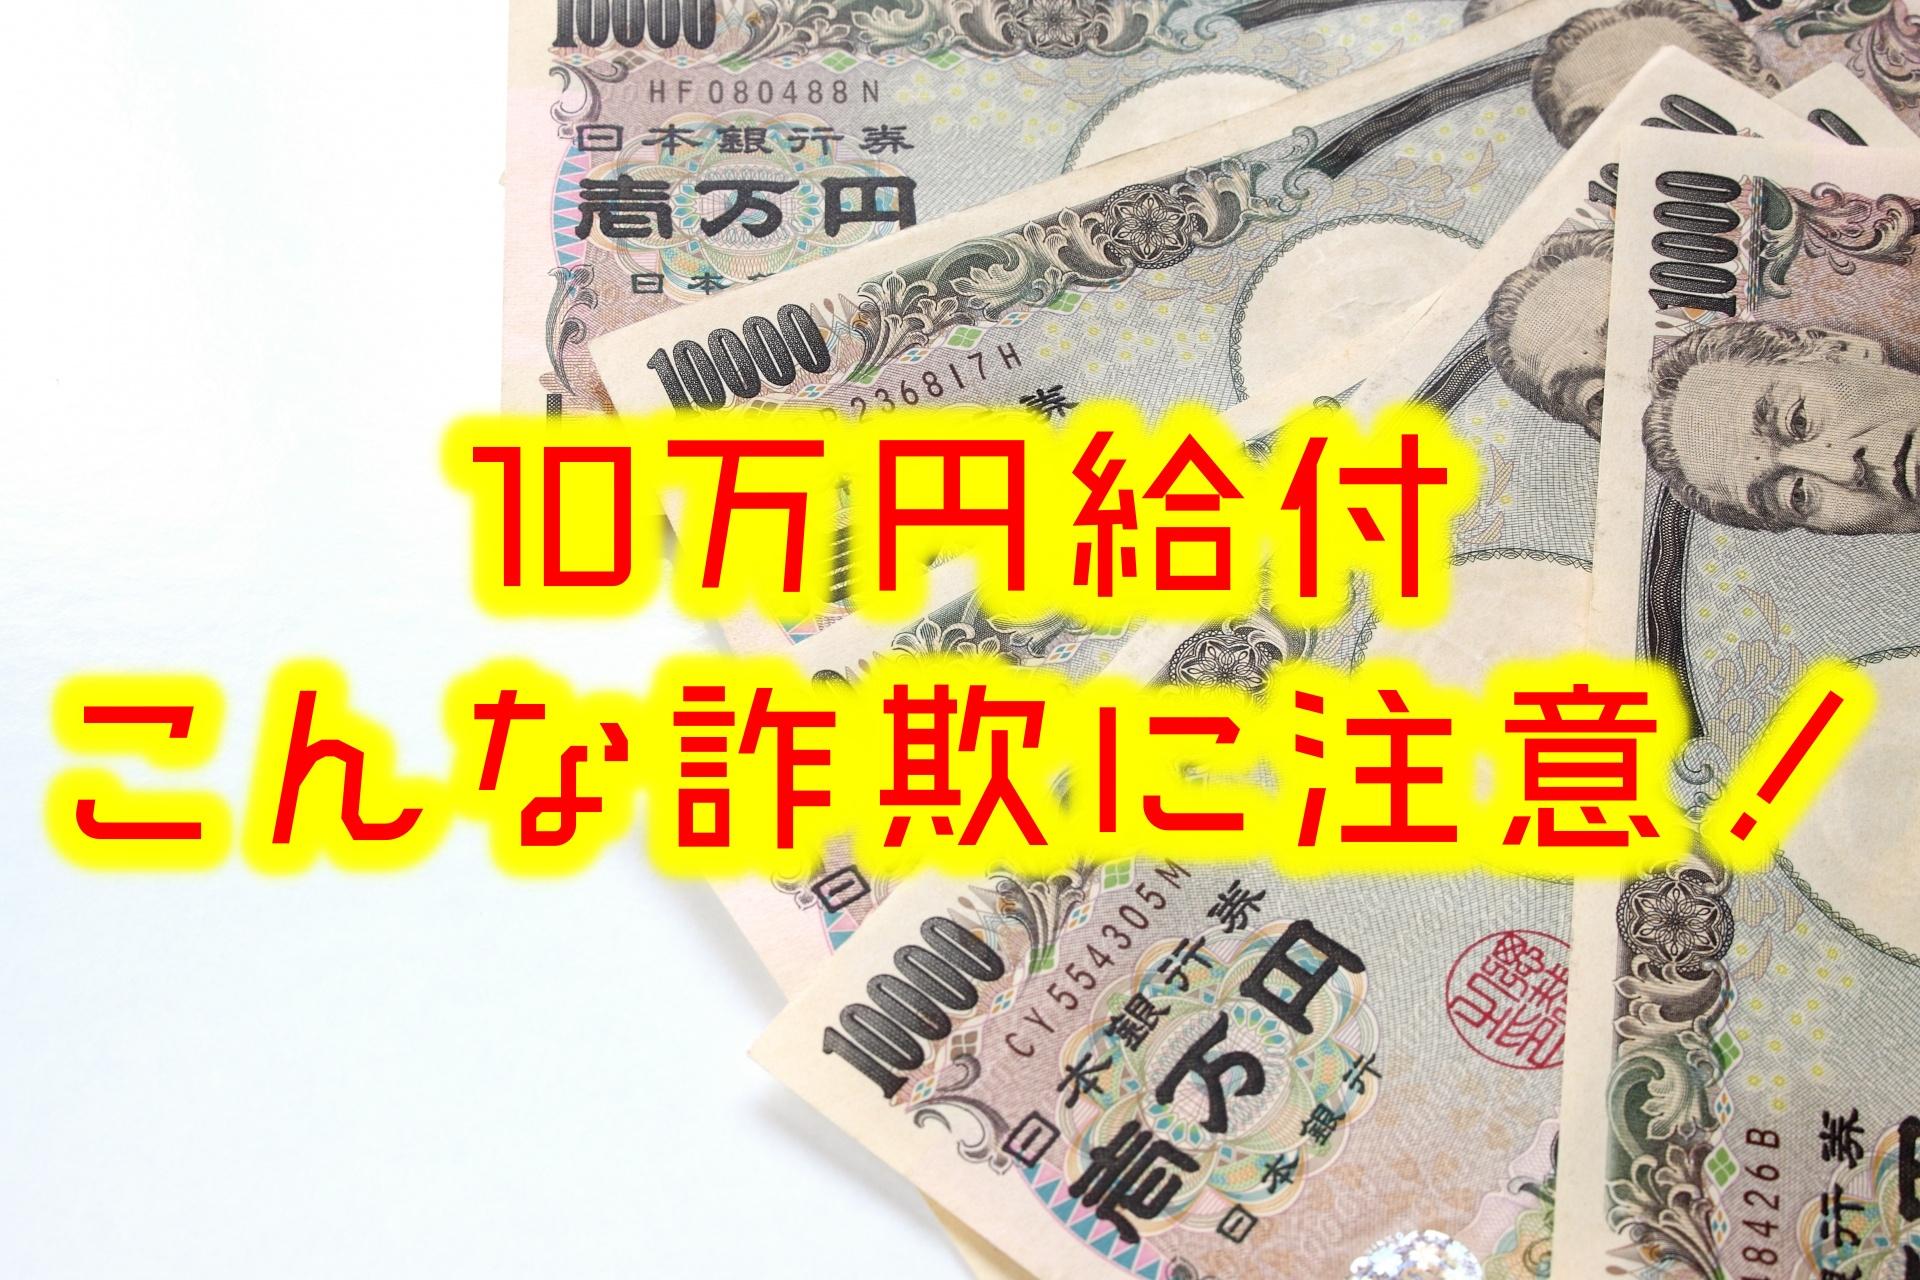 10万円給付-詐欺に注意